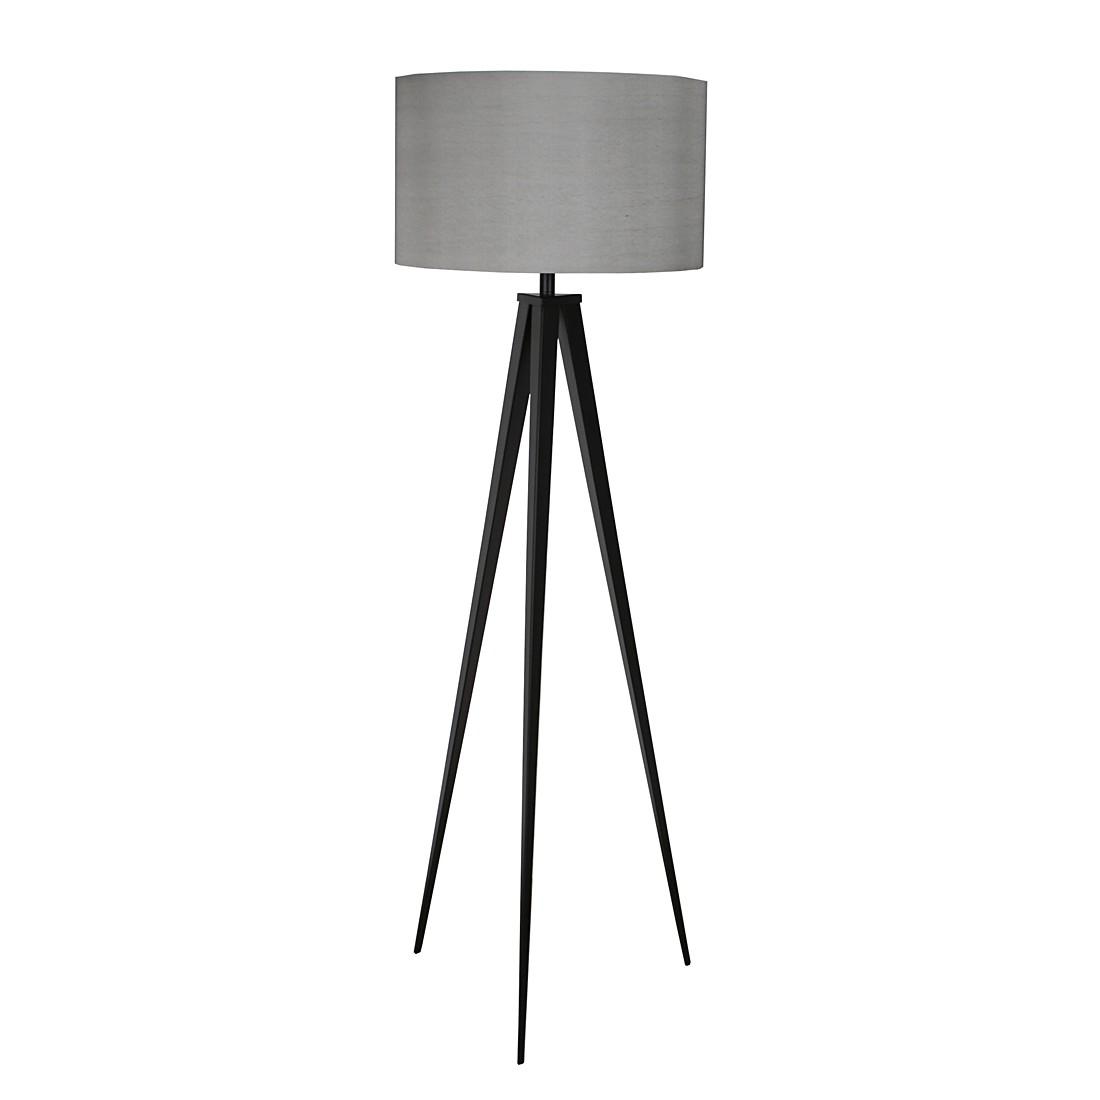 EEK A++, Lampadaire TRIPOD - Métal 1 ampoule, Zuiver